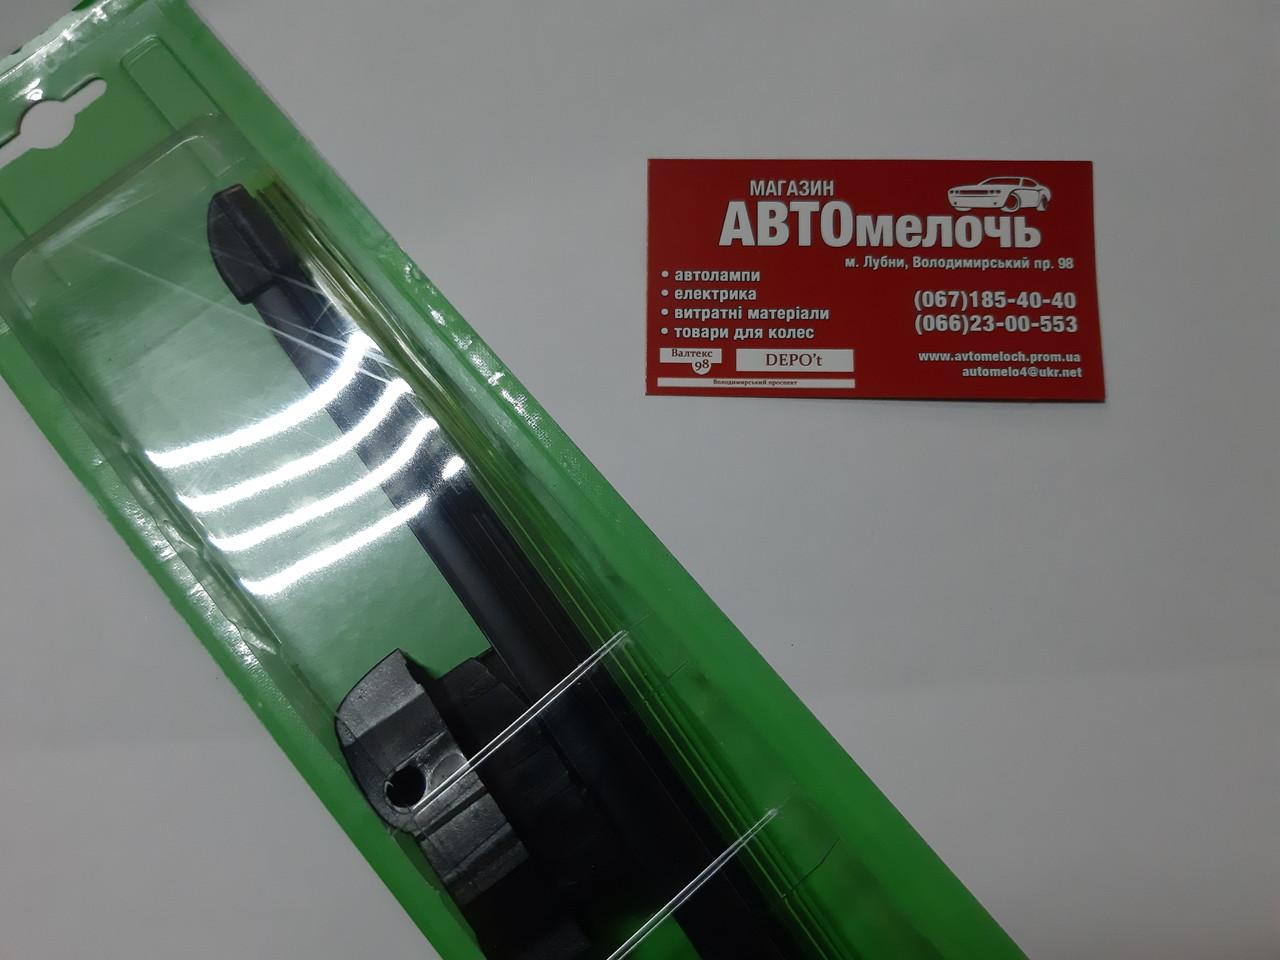 Щетка стеклоочистителя бескаркасная с переходниками 450 мм пр-во Profit